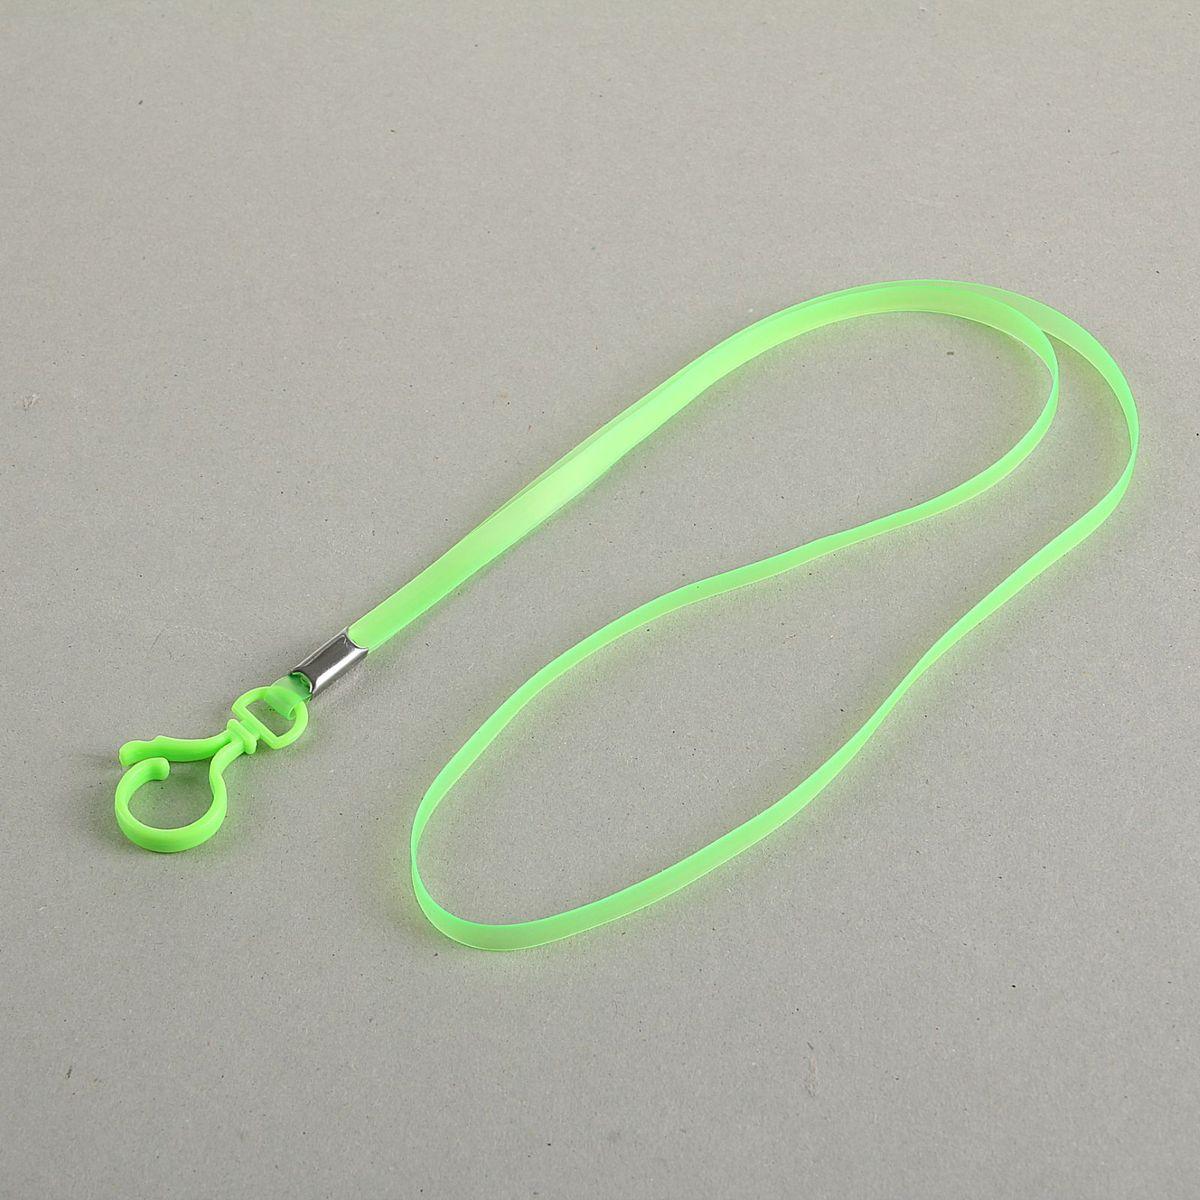 Лента для бейджа длина 38 см ширина 5 мм цвет зеленый1965014Лента для бейджа с пластиковым карабином используется для удобного ношения бейджа.Она изготовлена из пластика. Лента может быть использована в качестве элемента корпоративного стиля, особенно в сочетании с бейджем такого же цвета.